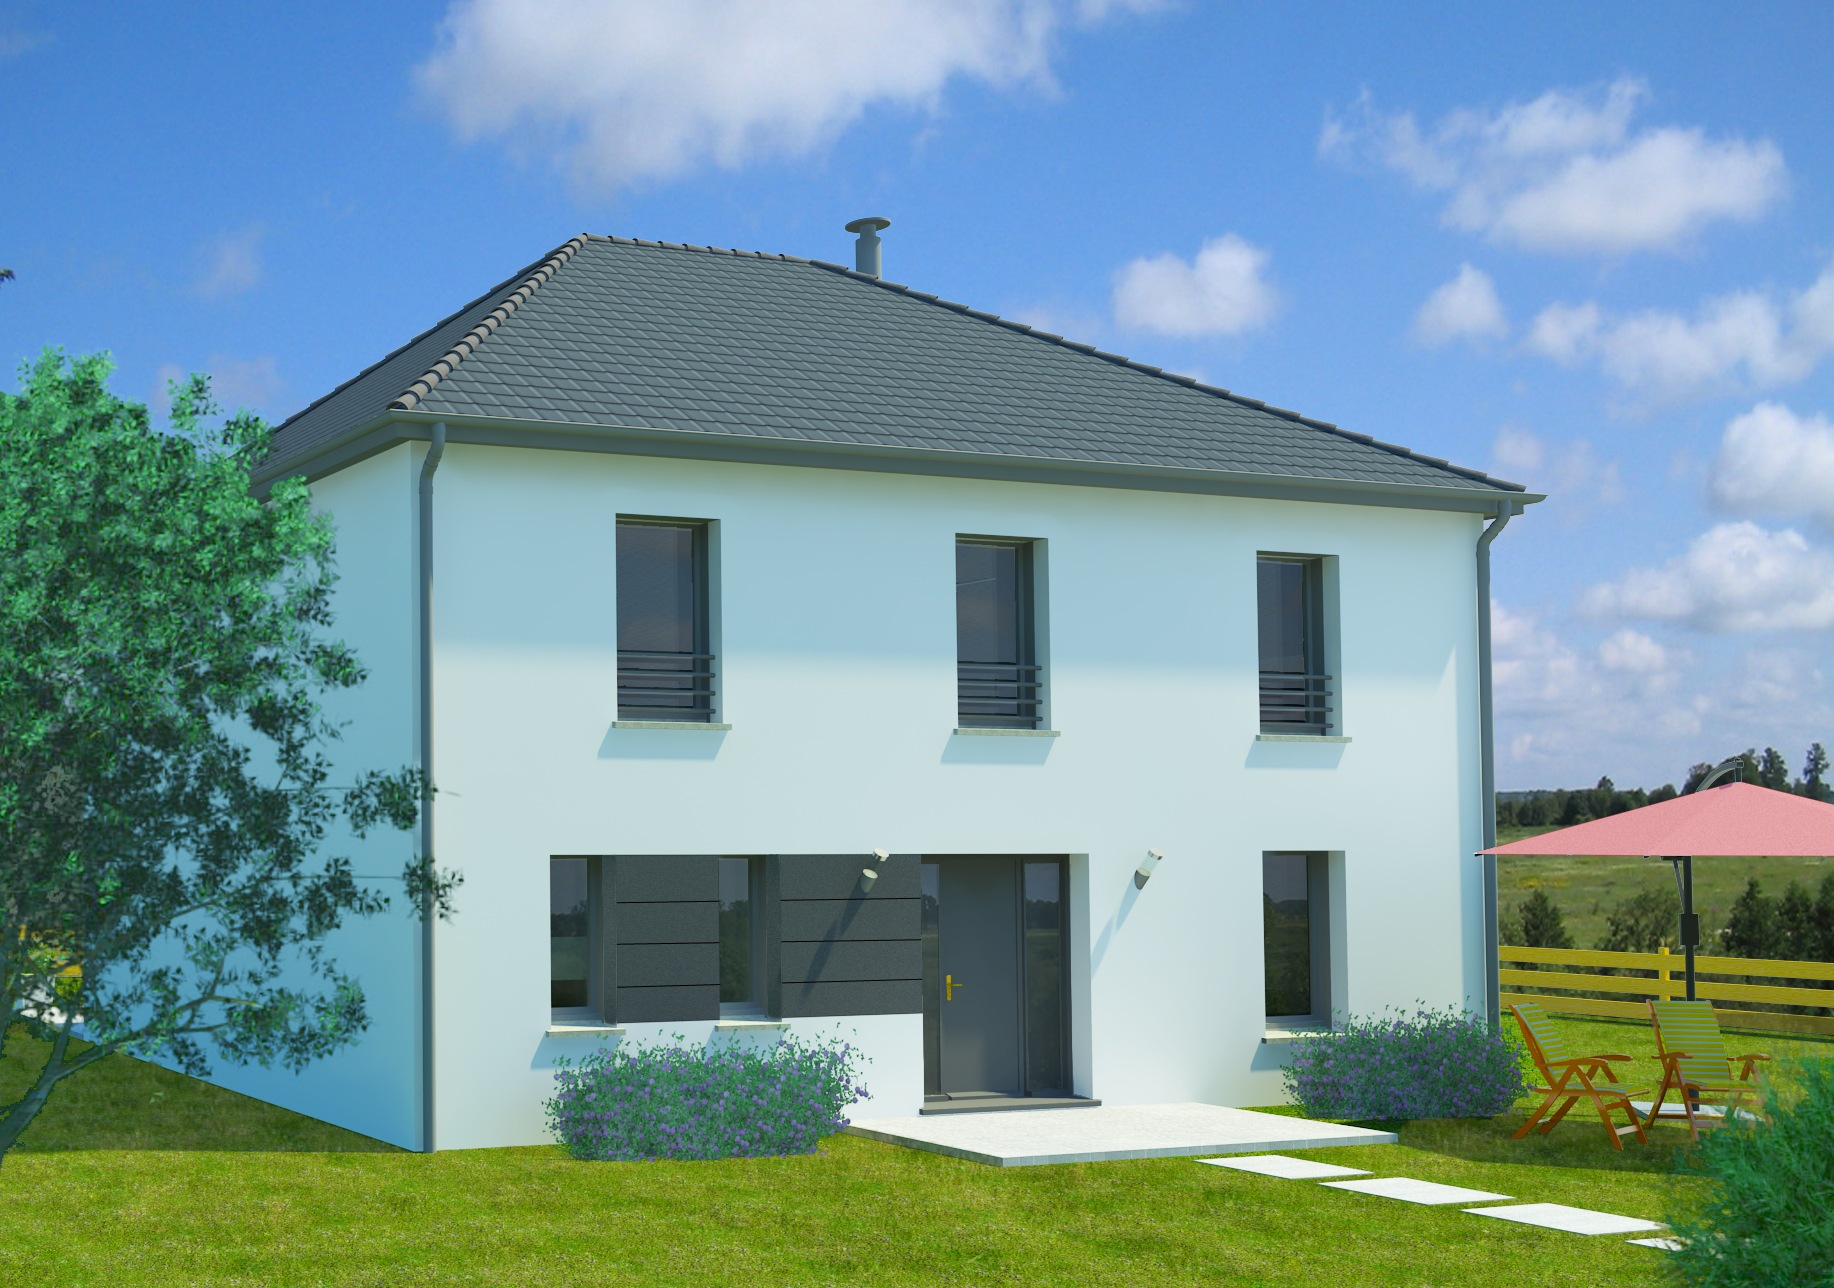 Maisons + Terrains du constructeur MAISON FAMILIALE • 128 m² • EVIN MALMAISON